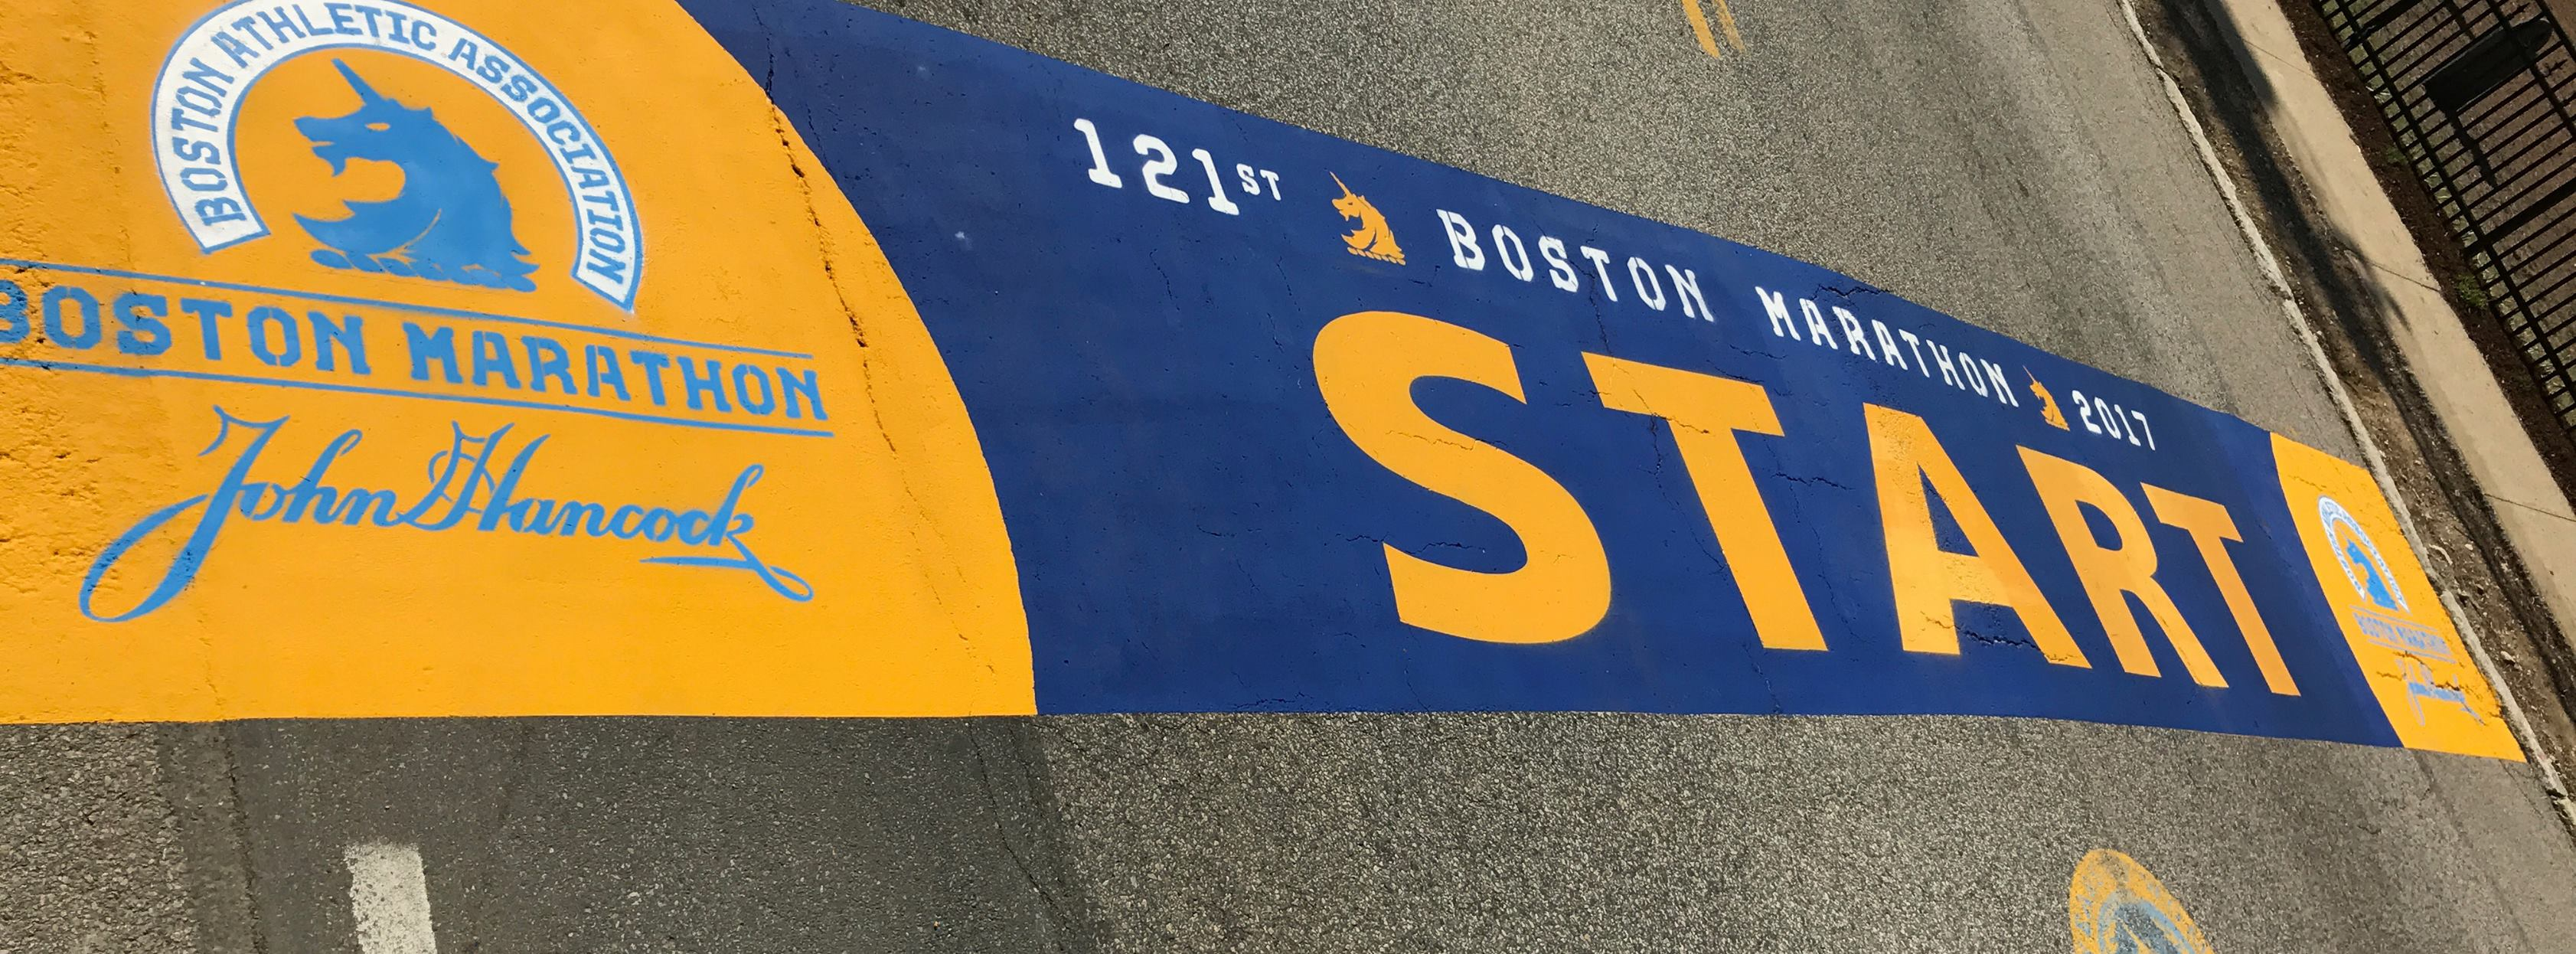 Boston Marathon 2017 resultados fotos transmision en vivo locos por correr 02